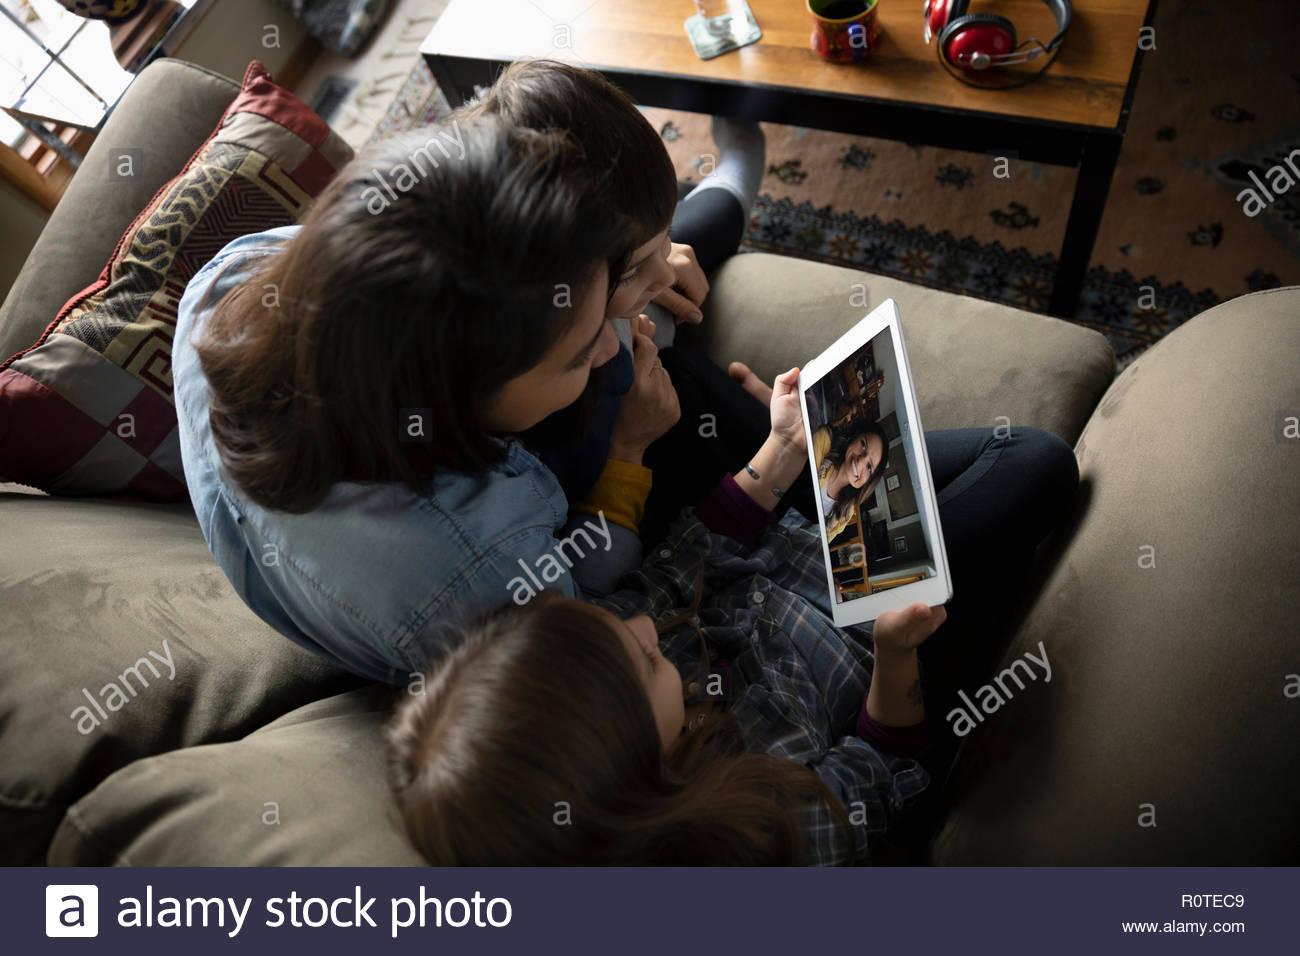 Famiglia Latinx le chat video con tavoletta digitale sul divano Immagini Stock